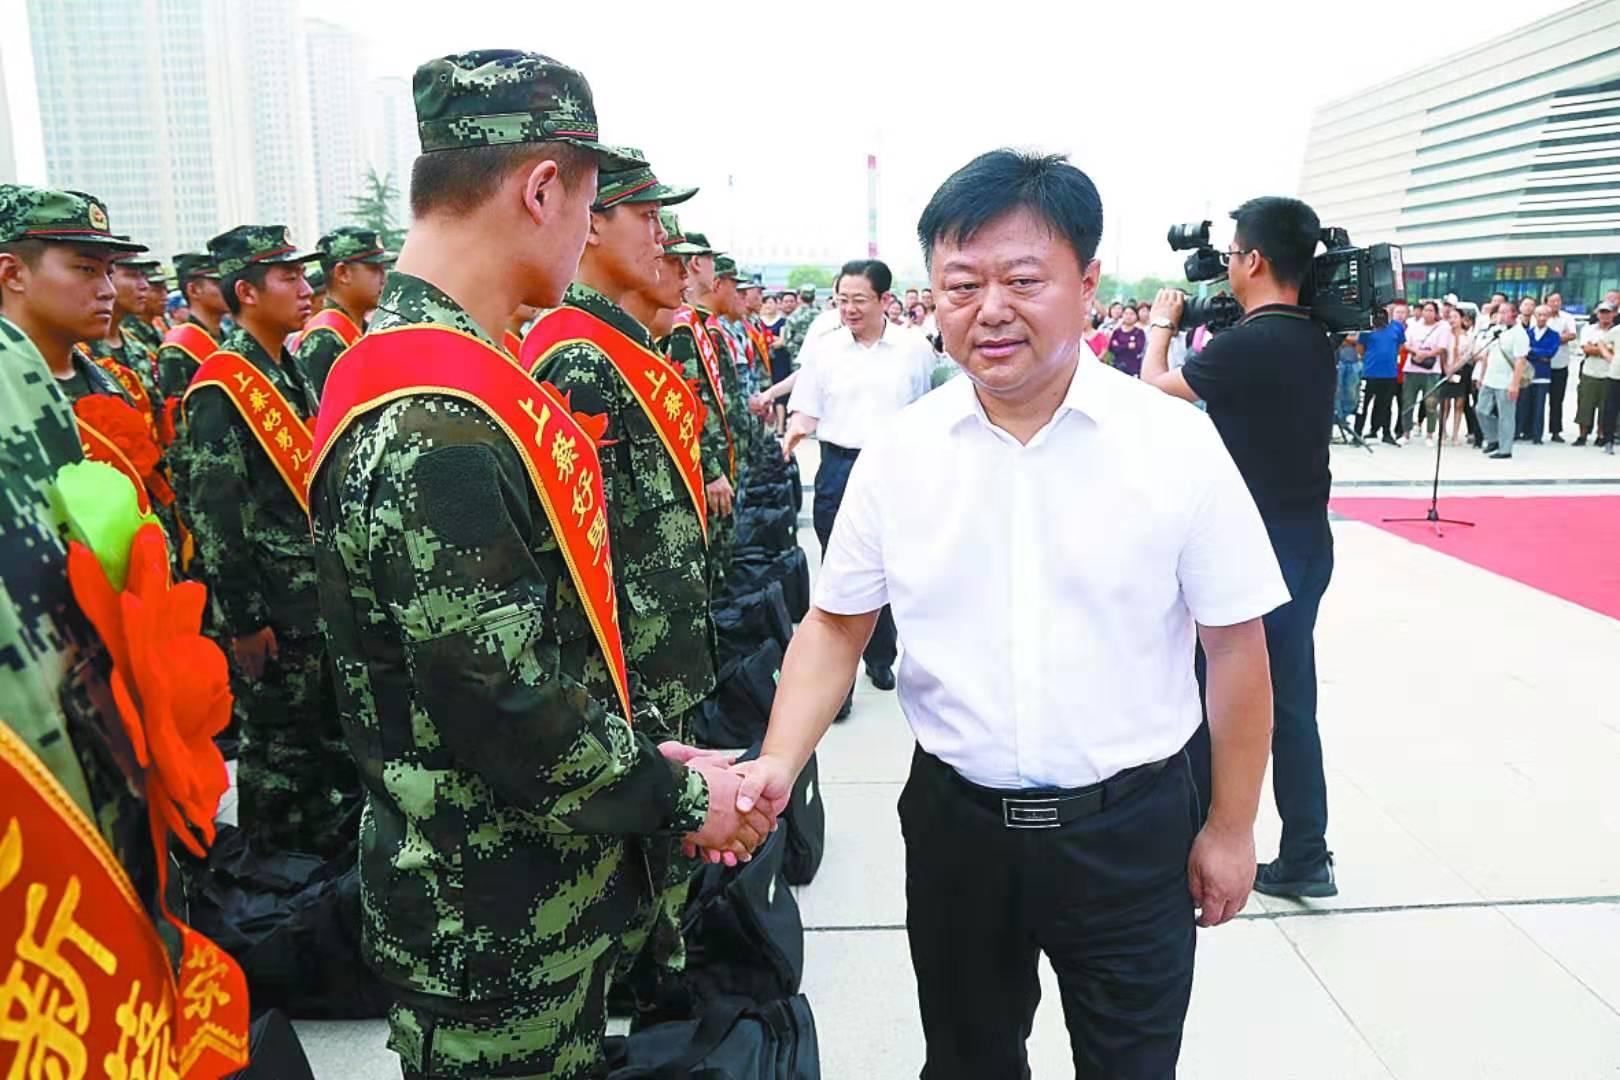 陈星朱是西等出席2019年夏秋季应征入伍新兵欢送仪式